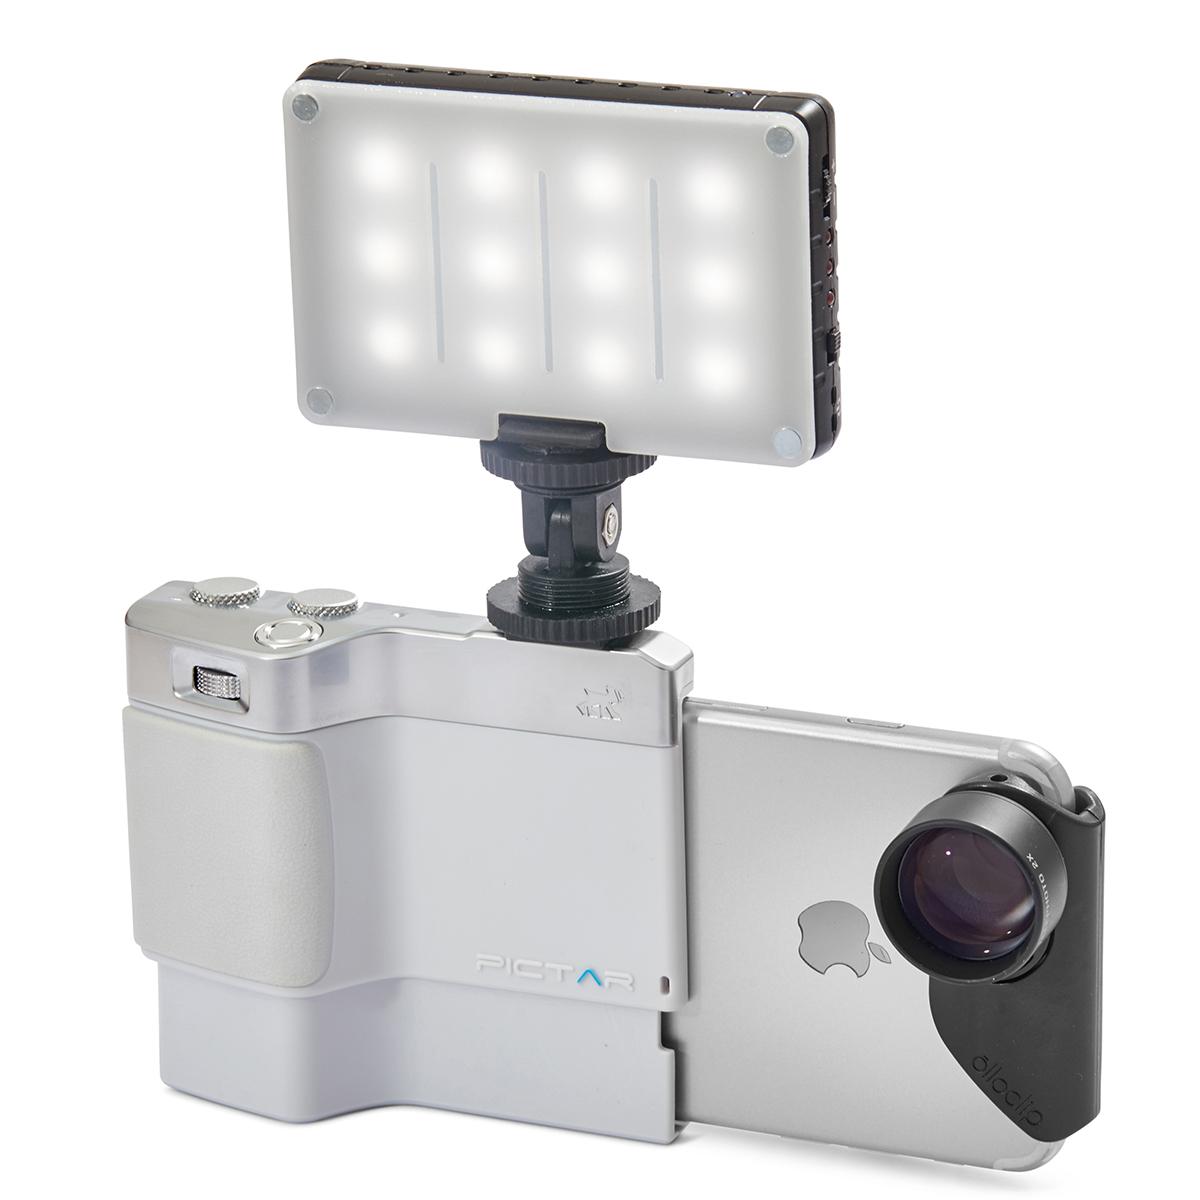 コールドシュー対応の綺麗な写真を撮りながら、写真の楽しさが学べるカメラグリップ(iPhone全機種対応) | PICTAR